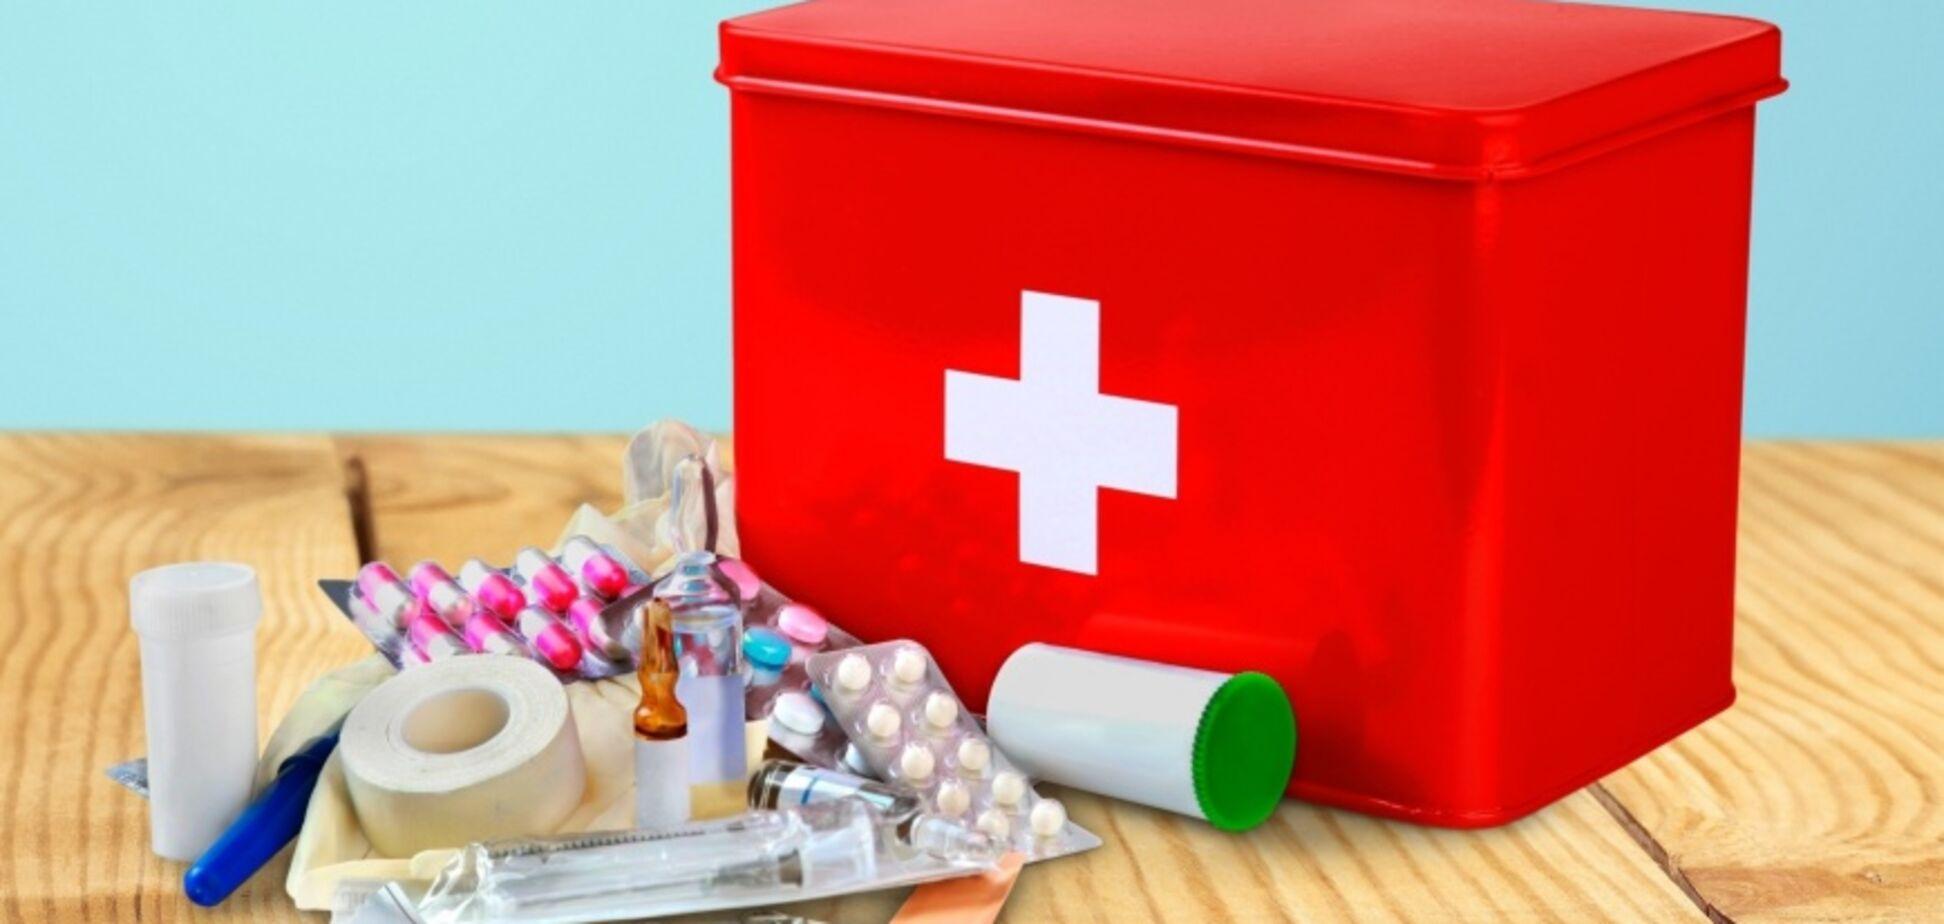 Дитяча аптечка для невідкладної допомоги